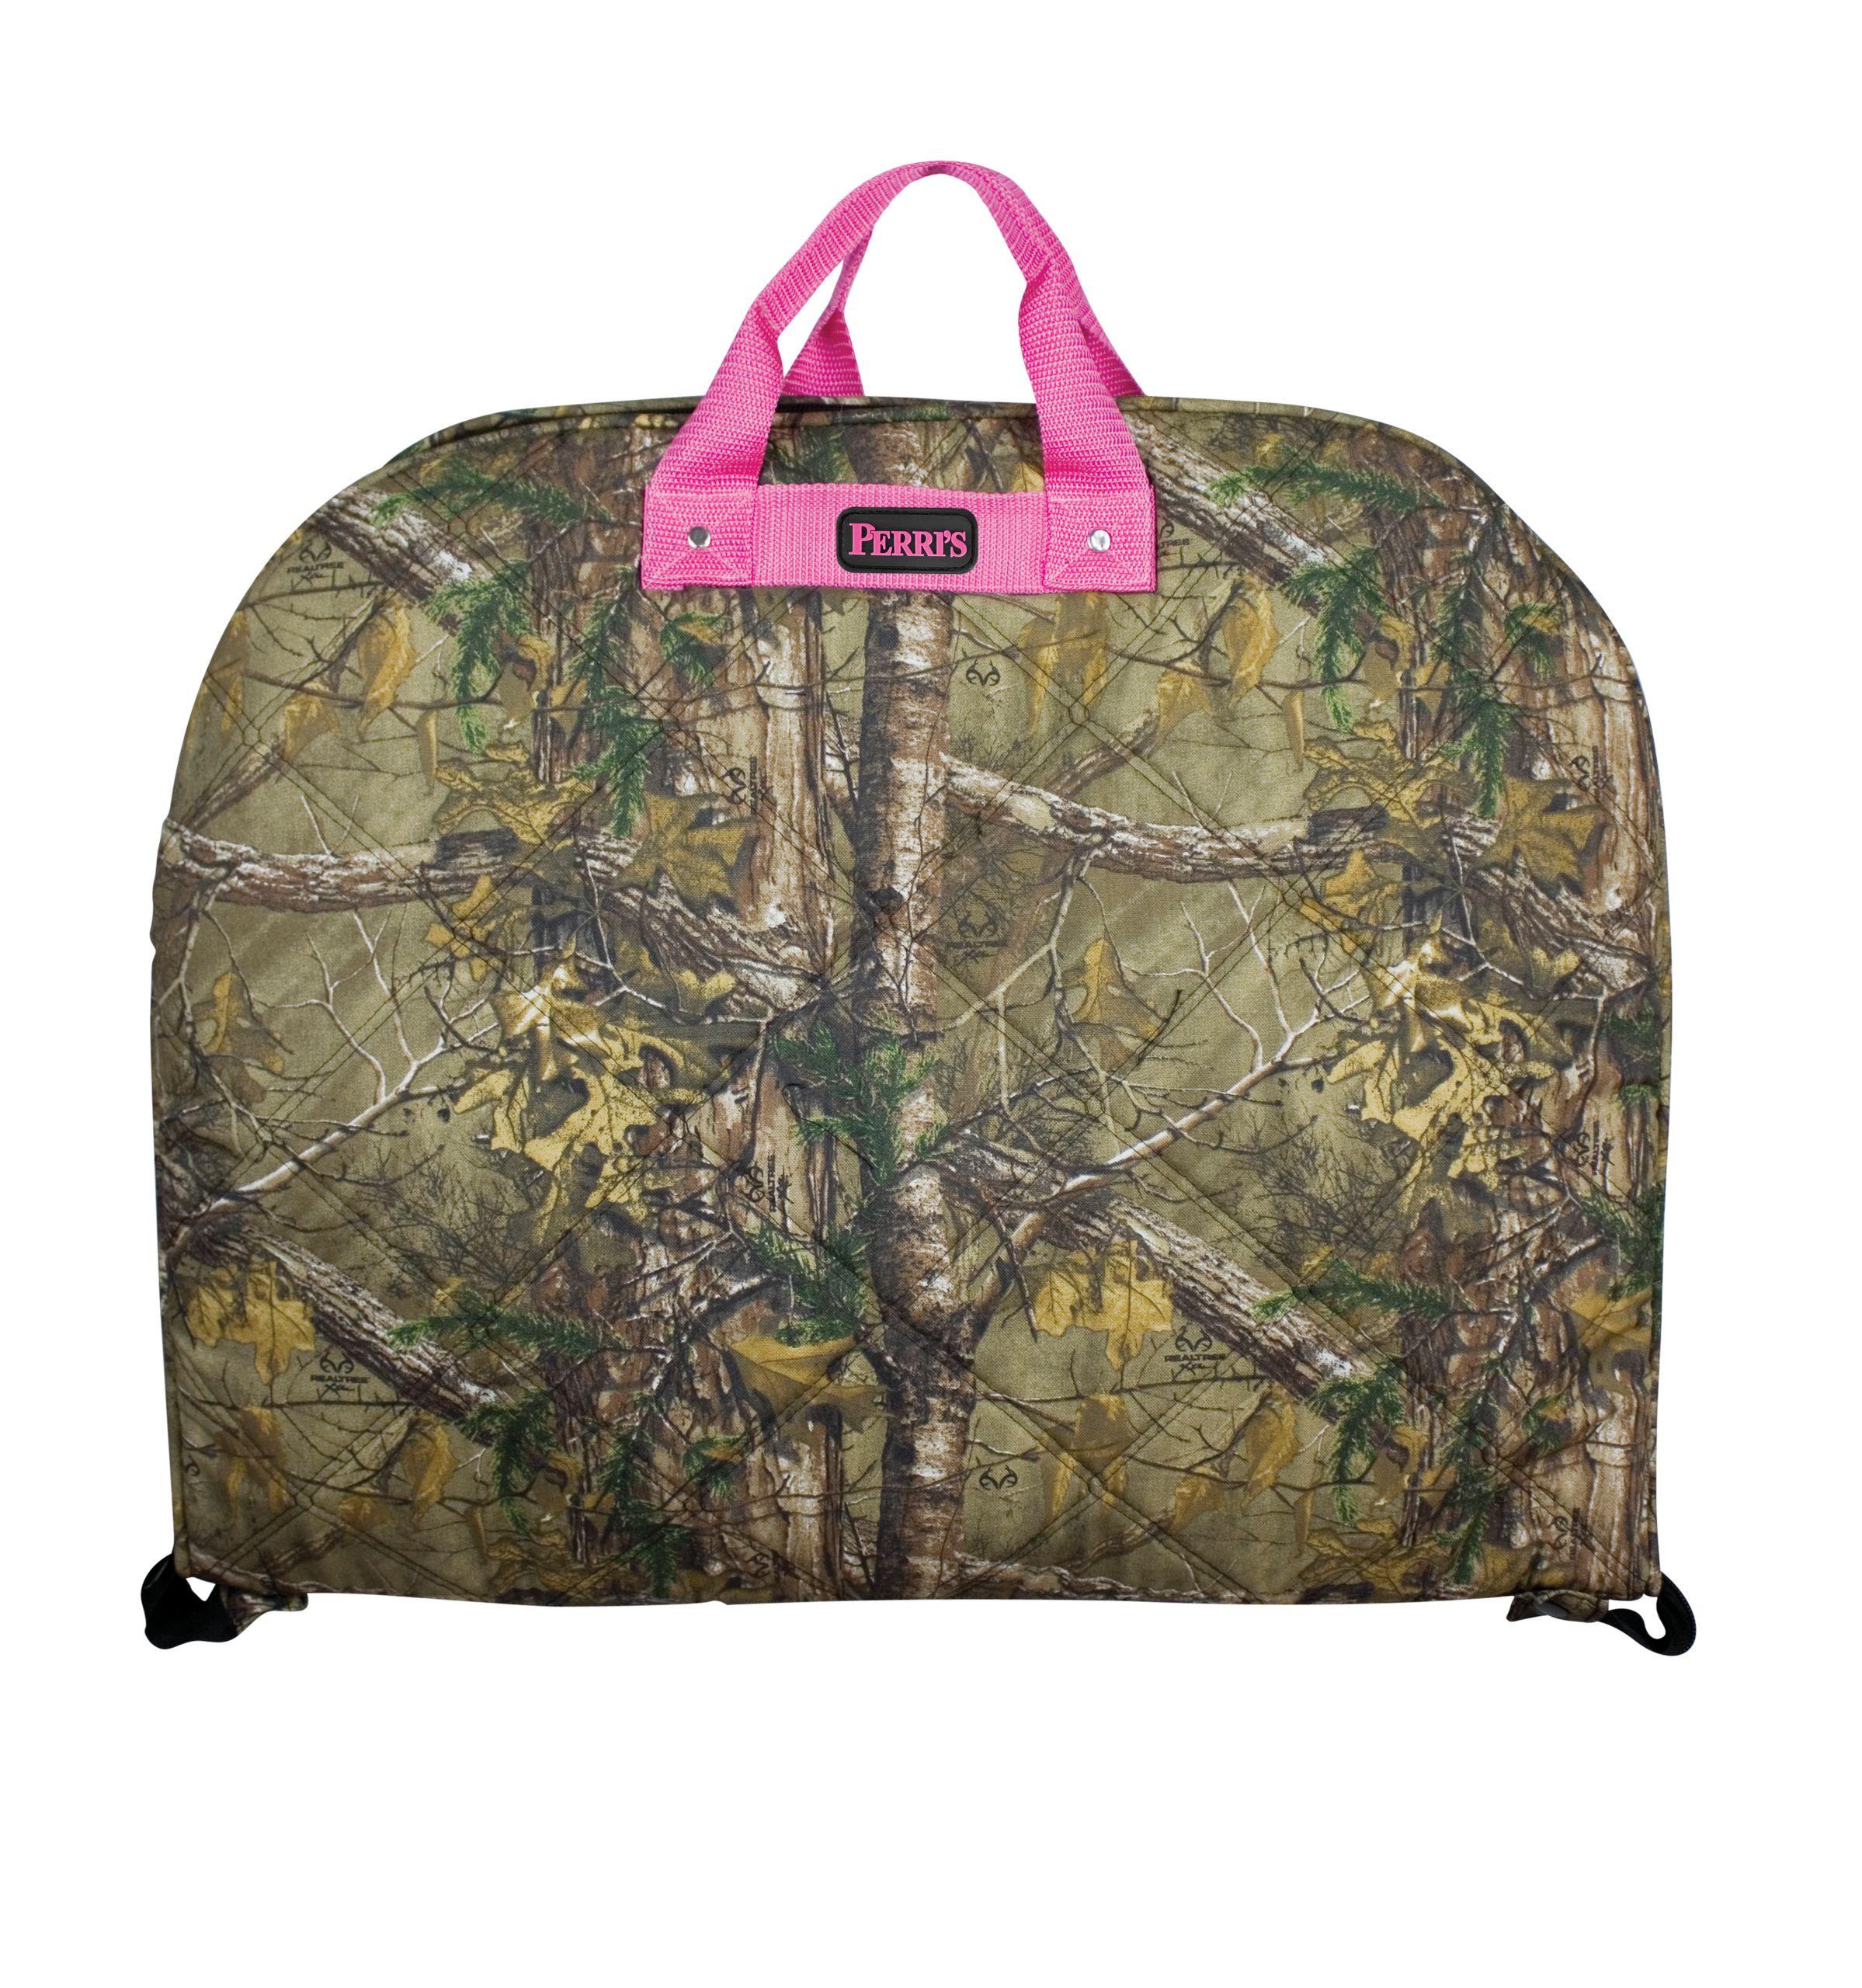 Perris Real Tree Premium Garment Bag